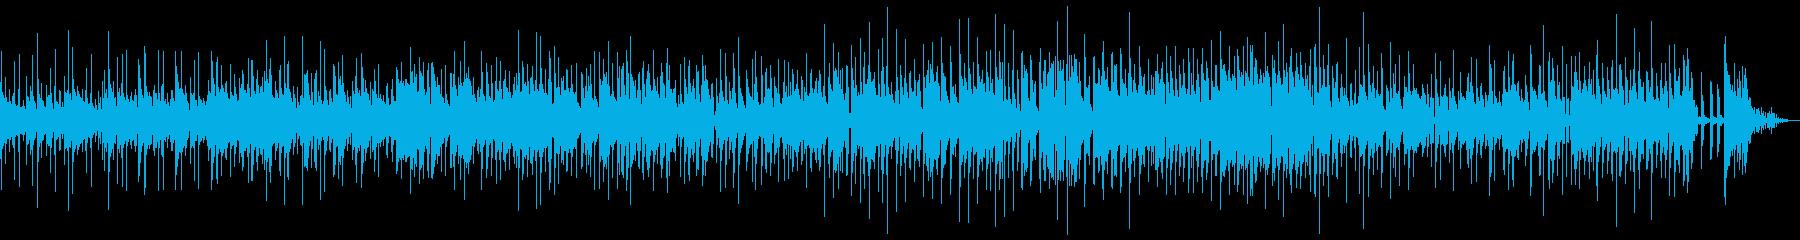 生エレキ(ワウ)呑気なカントリーブルースの再生済みの波形